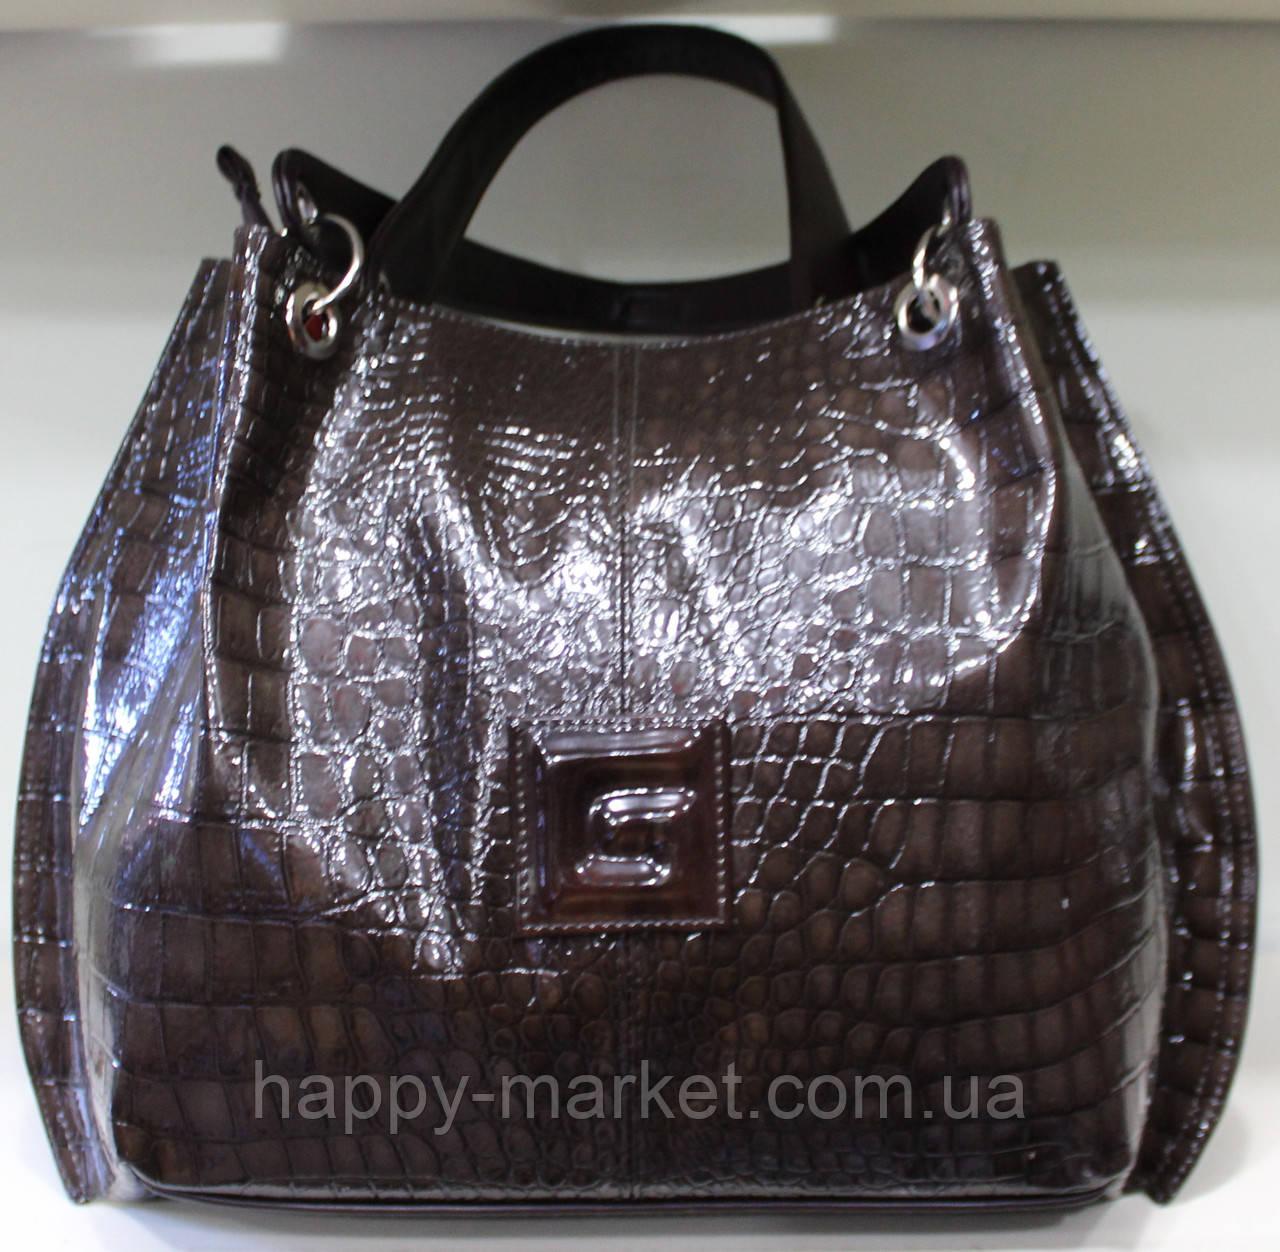 Сумка торба женская  Производитель Украина 17-1281-5